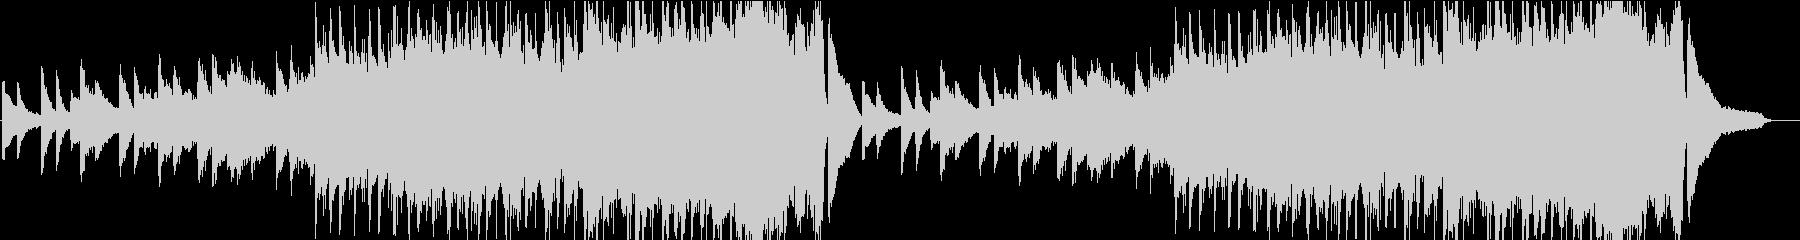 ピアノオンリーの徐々に激しくなる曲の未再生の波形